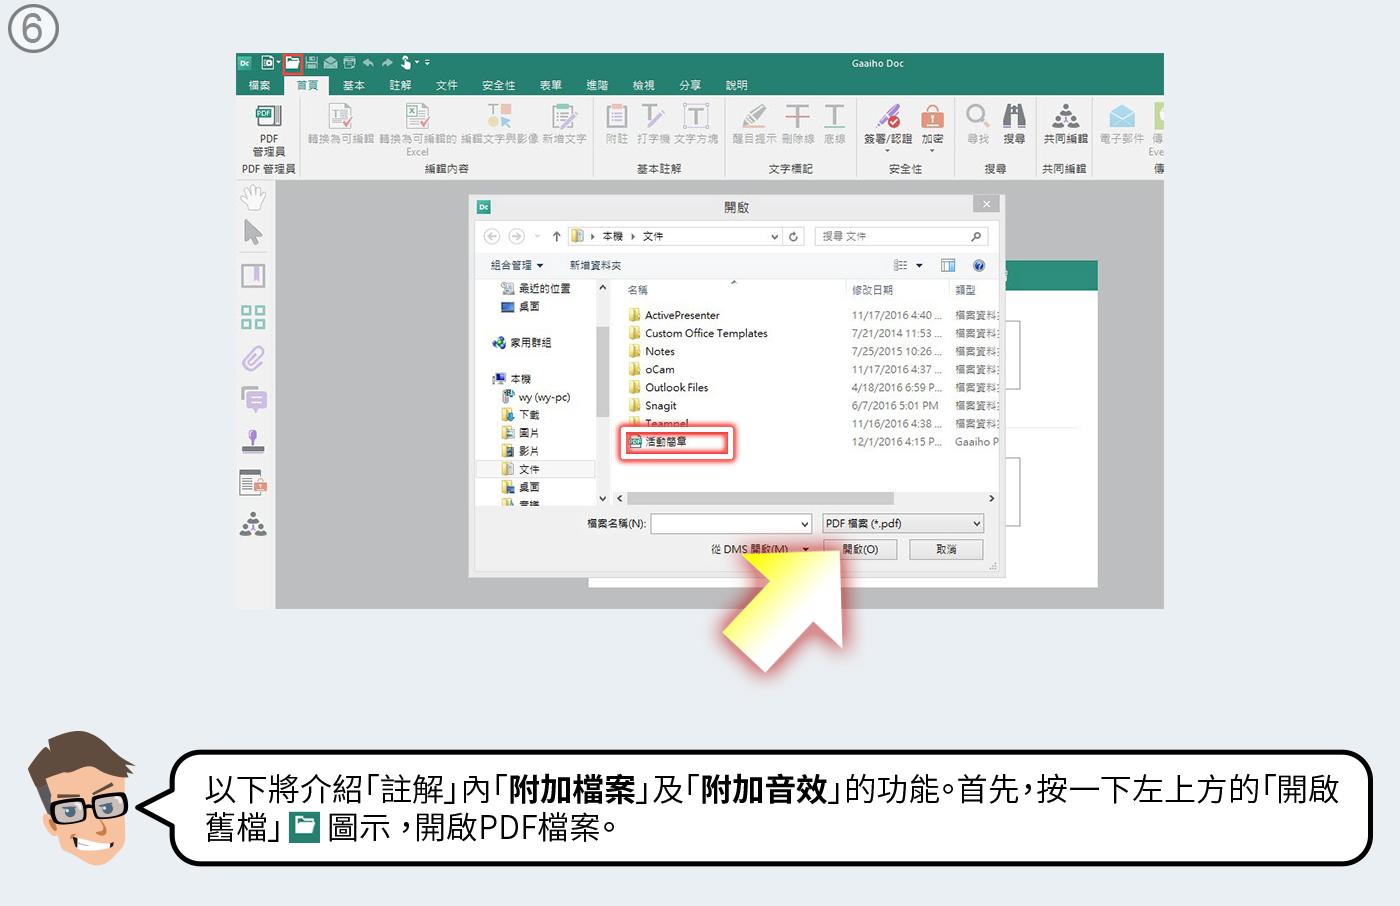 以下將介紹「註解」內「附加檔案」及「附加音效」的功能。